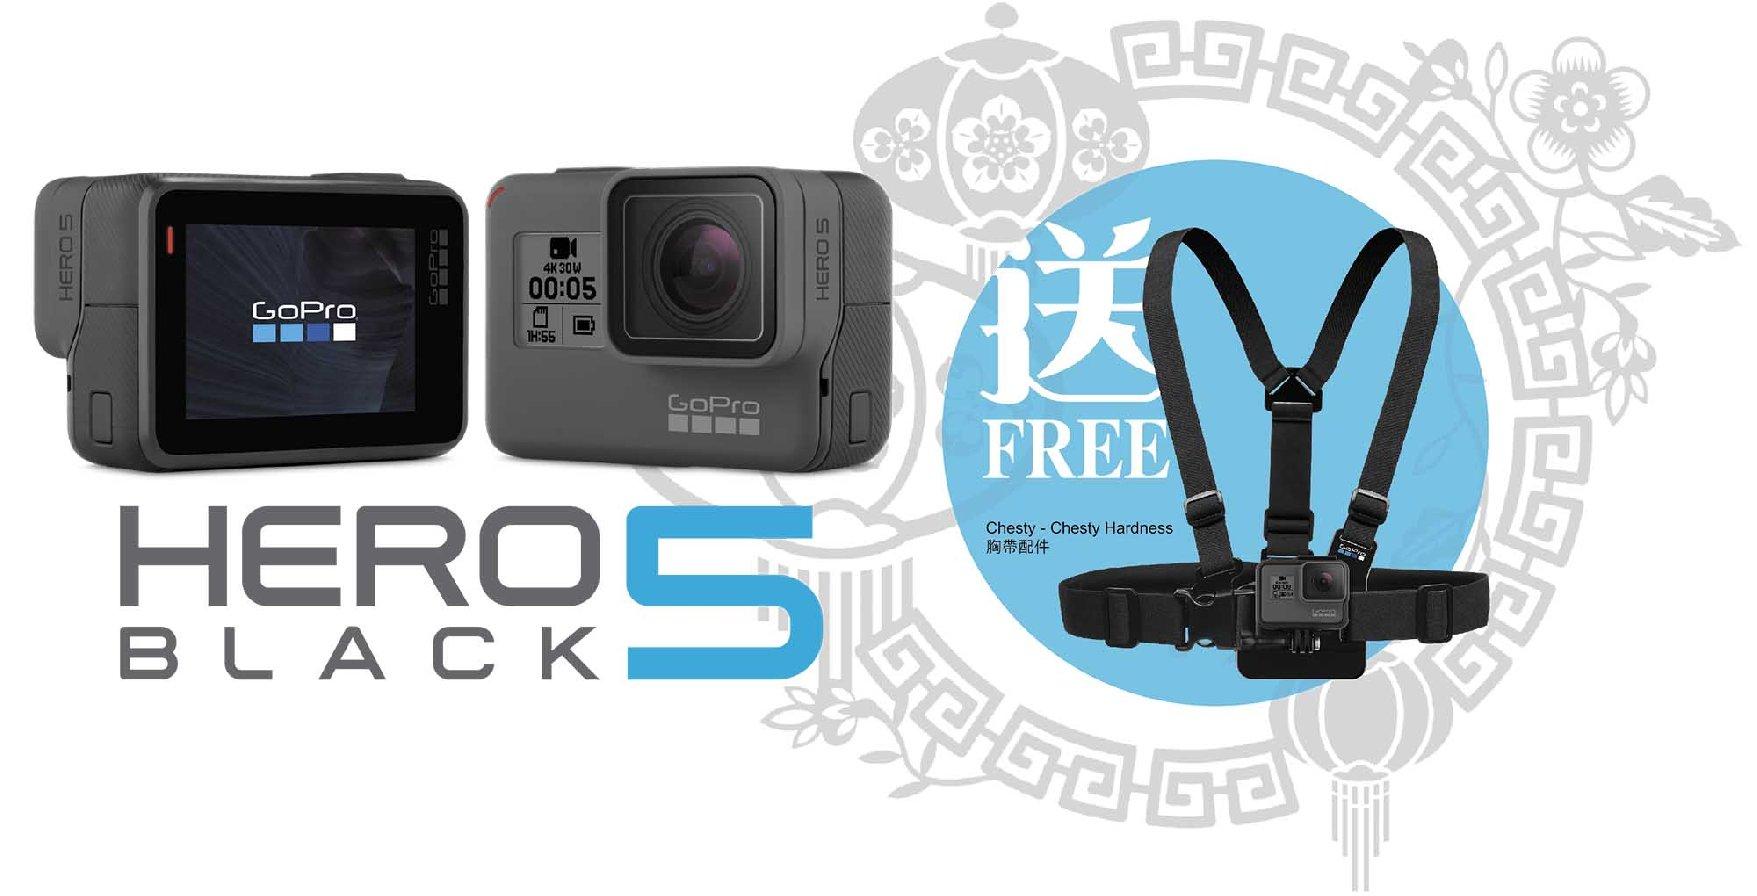 買 GoPro HERO5 Black 送 Chesty 胸帶 滑雪跑街都啱用